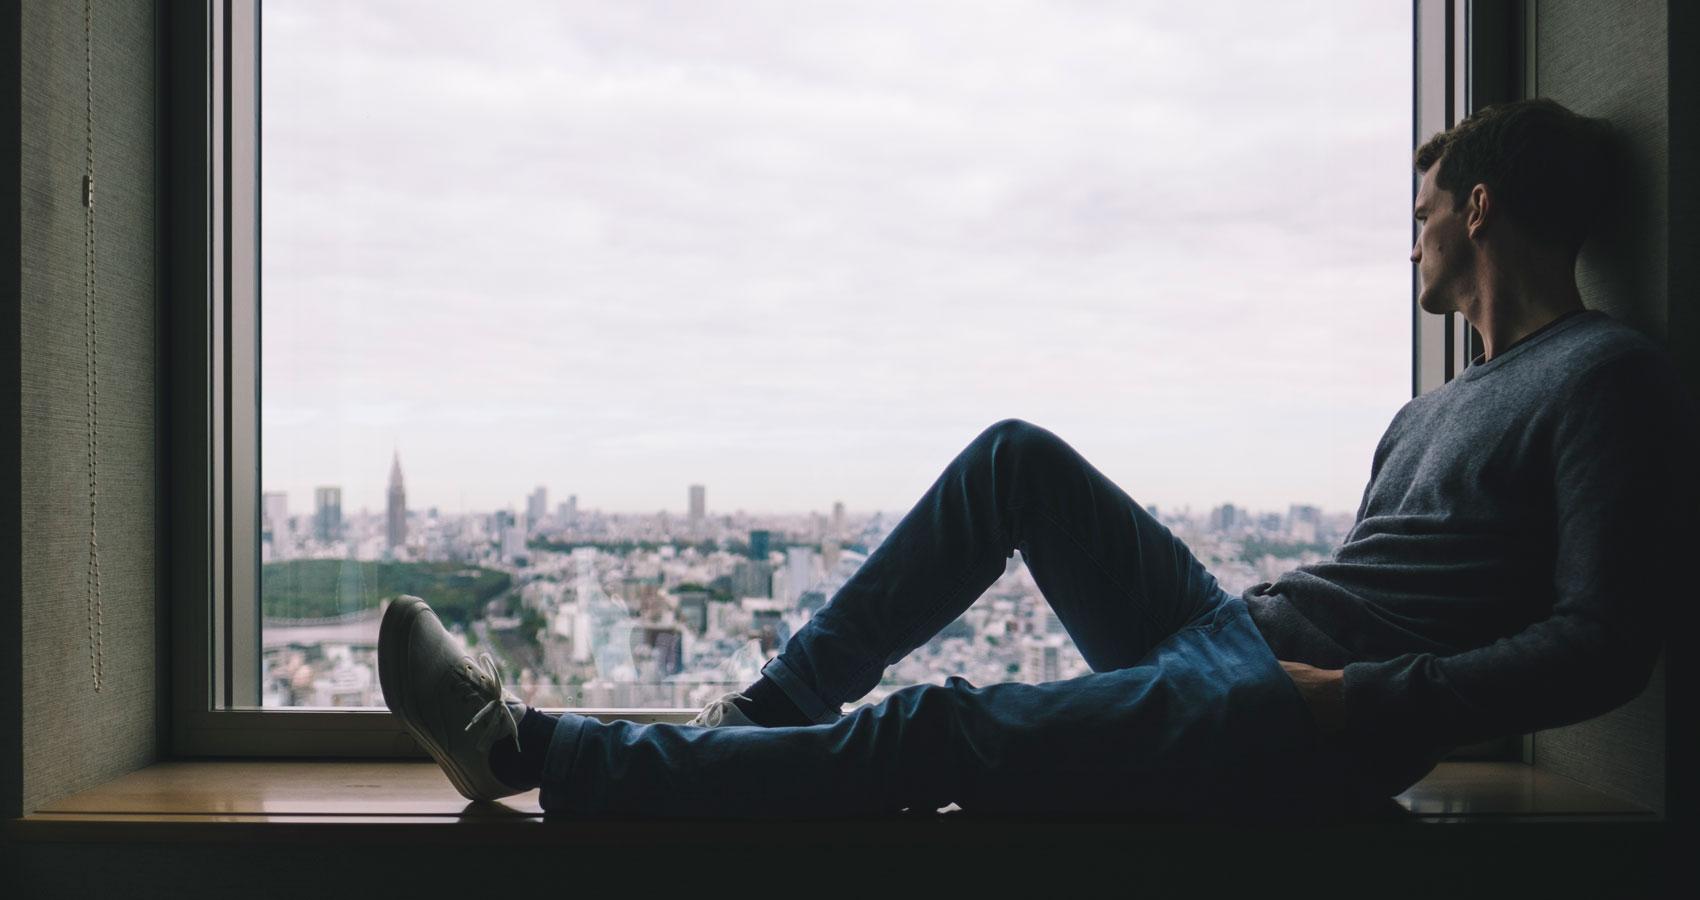 Hay lugares, sonidos, olores, personas que nos duelen, by Uslariono at Spillwords.com